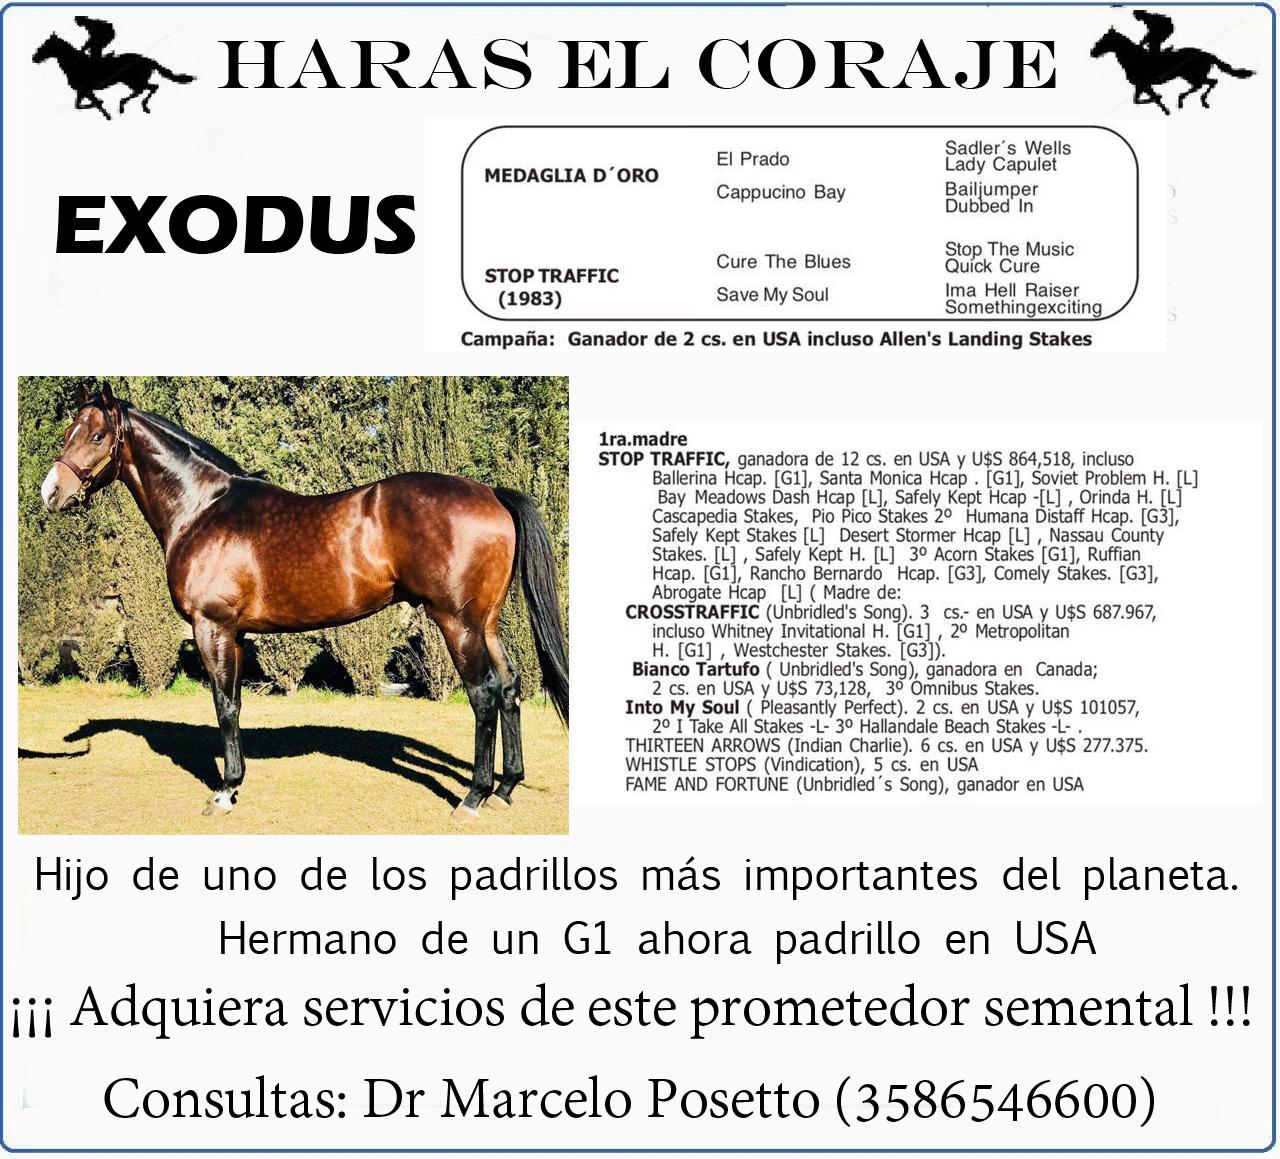 HS EL CORAJE PADRILLO